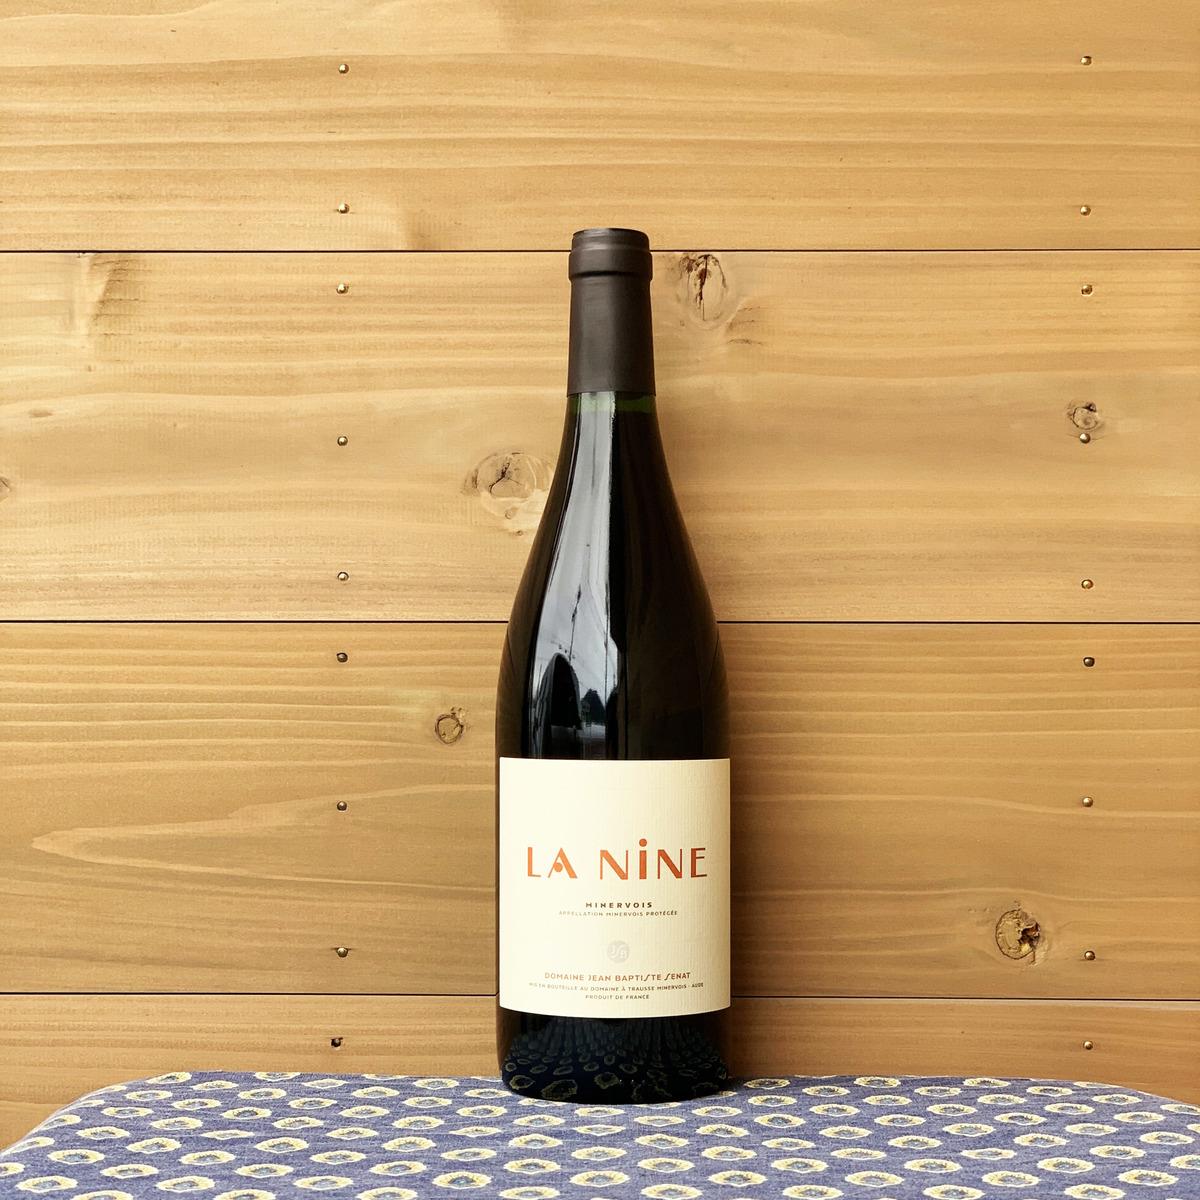 複数種の葡萄が醸し出す絶妙なバランスが持ち味 ラングドック地方 フランス ジャンバティスト セナ ラ 赤ワイン ニンヌ '14 自然派ワイン 日本 お金を節約